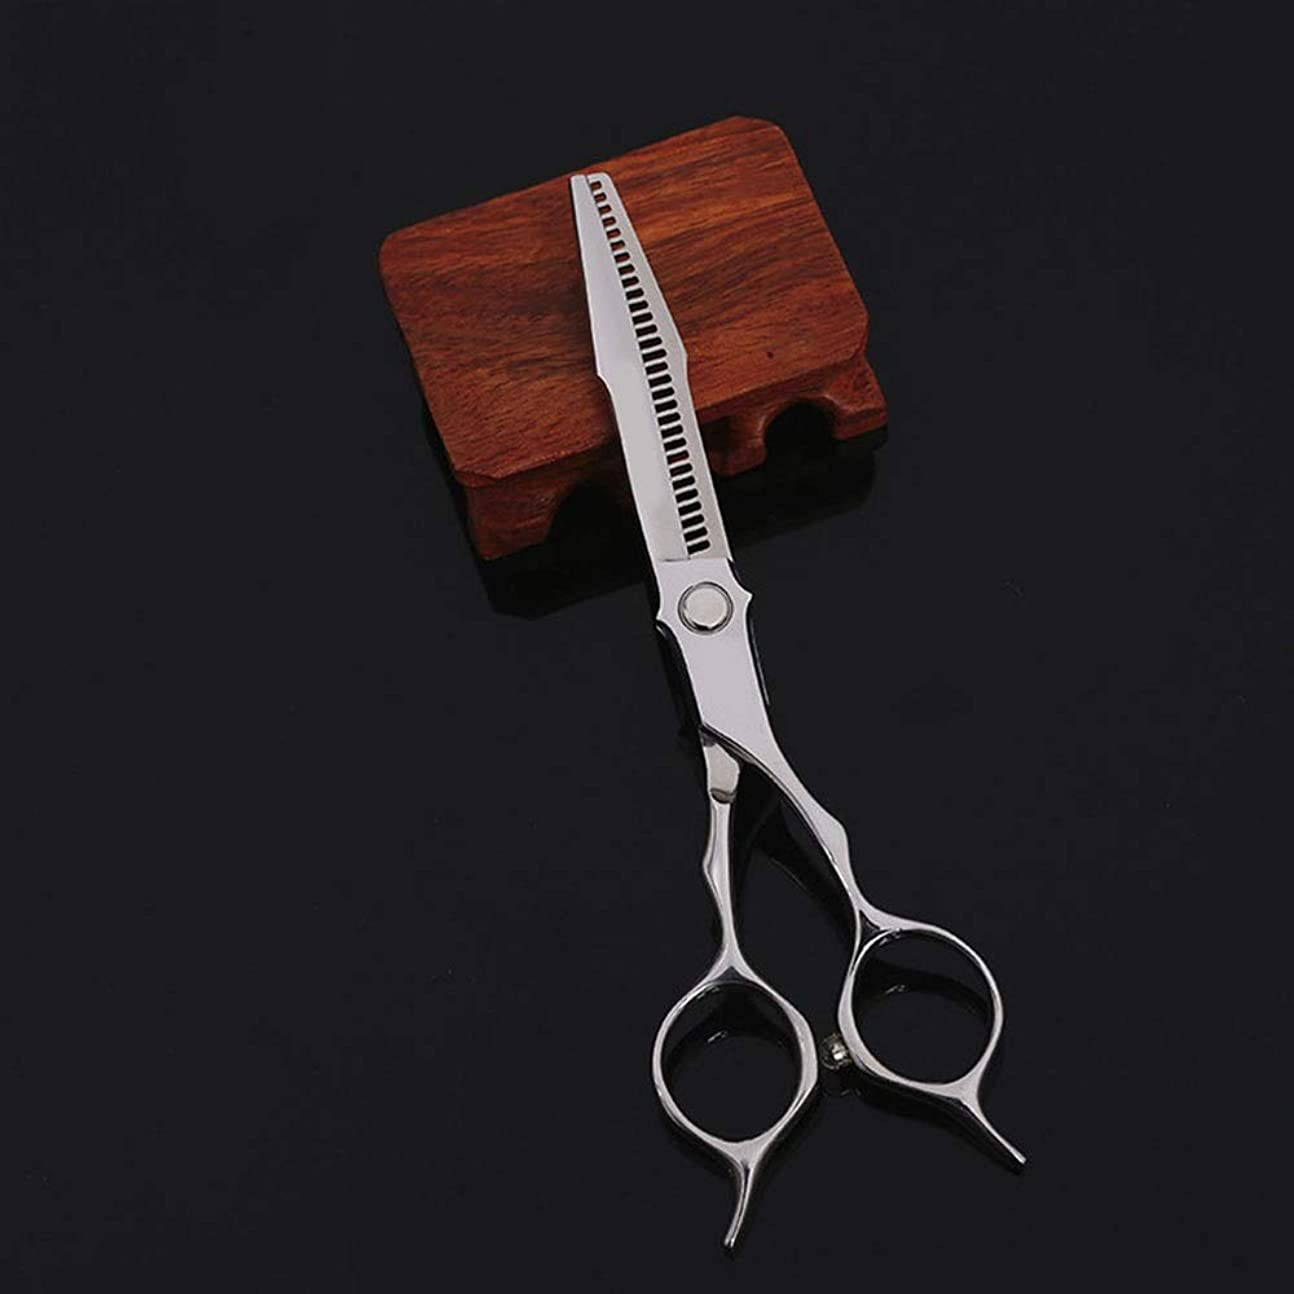 シャーロットブロンテ申請中ジャケット6インチプロフェッショナル美容院理髪はさみ モデリングツール (色 : Silver)